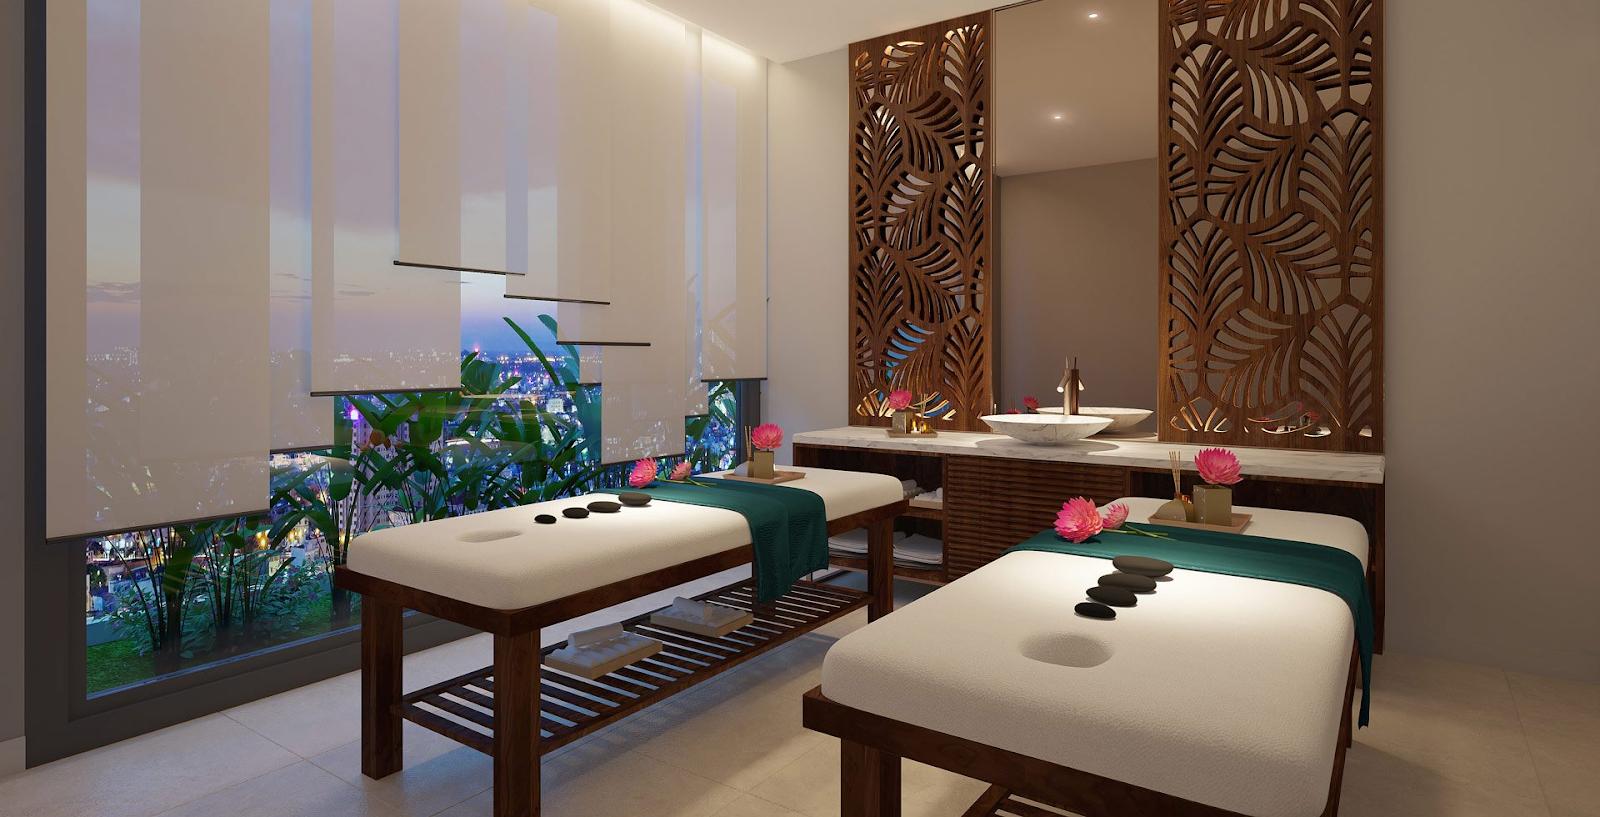 Phòng Spa và Sauna thư giãn tại dự án Aio City Bình Tân